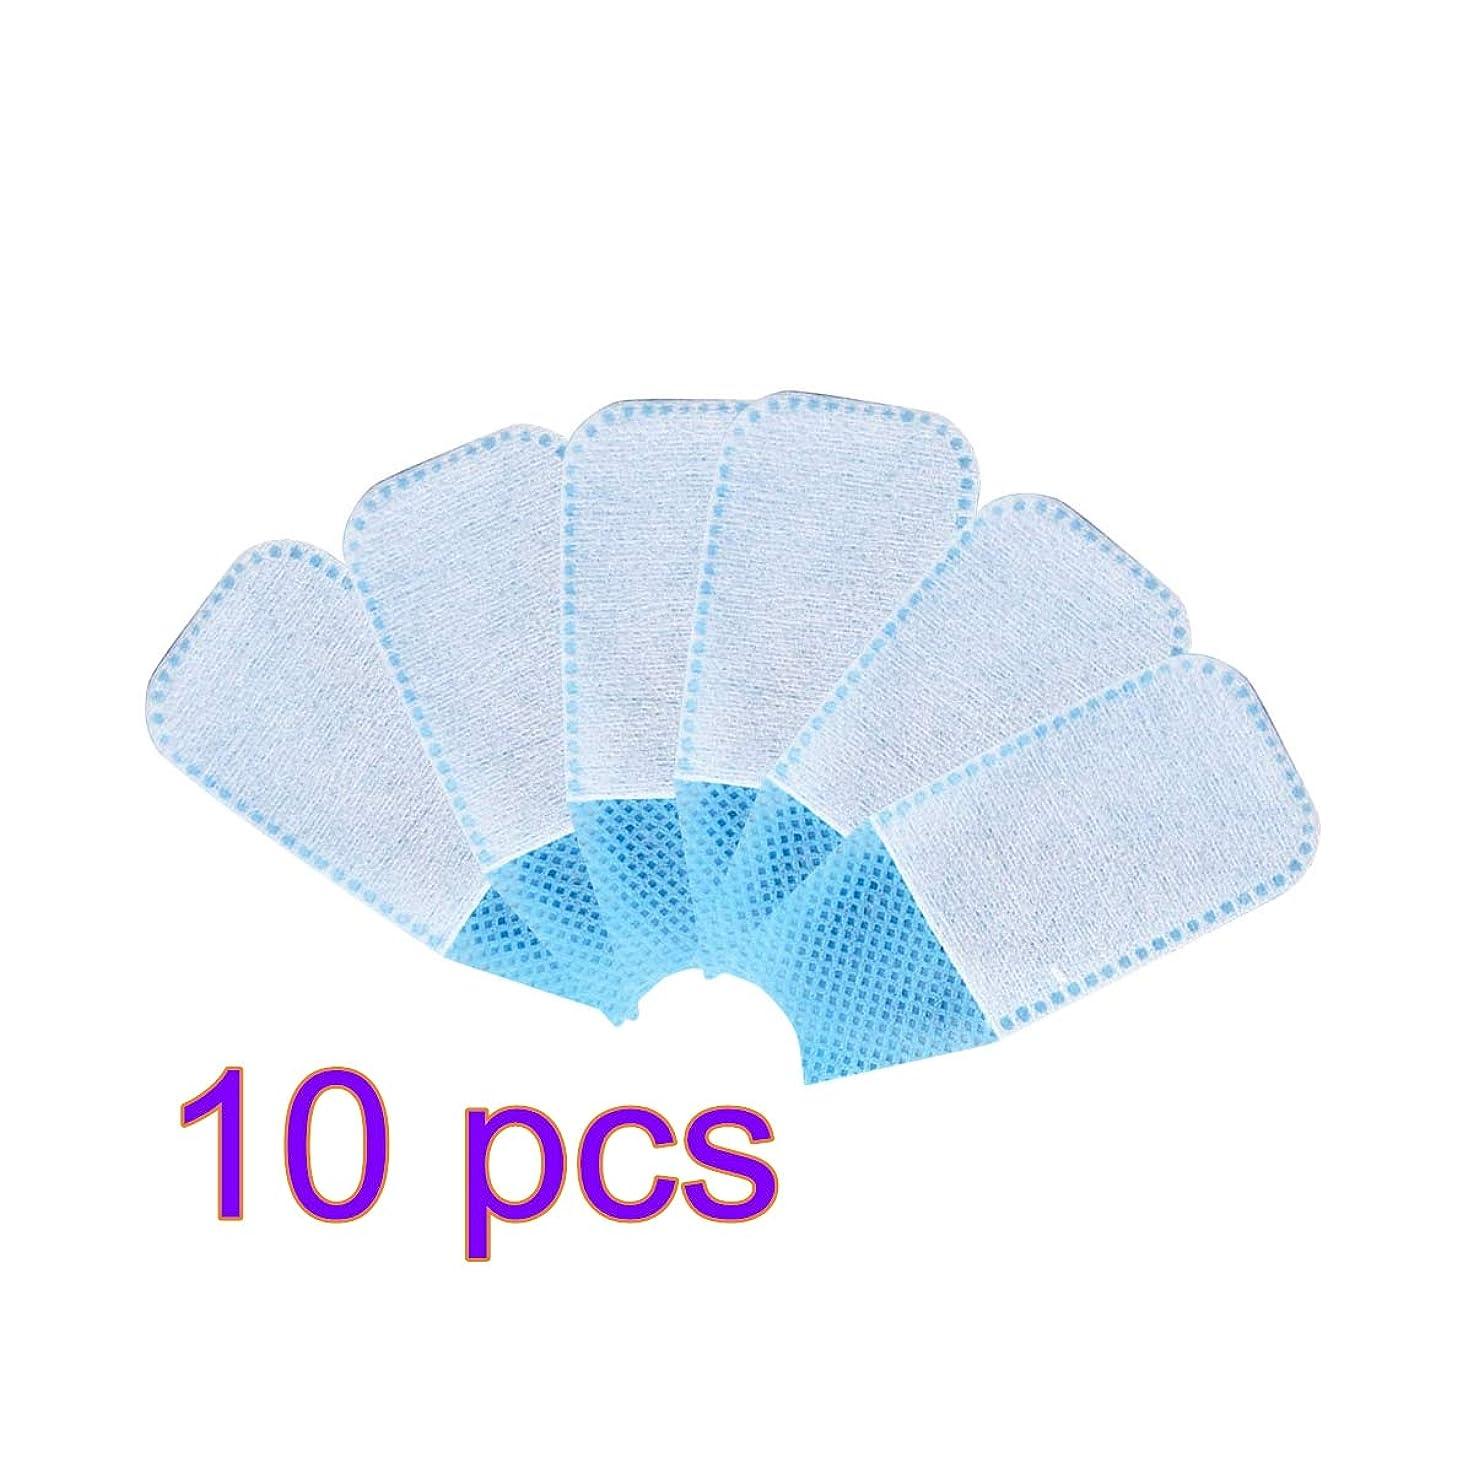 伝える鎮静剤取得するLurrose 使い捨て指の失速歯ブラシソフトガーゼ歯科指ブラシ口腔衛生クリーニングワイプ 100枚入